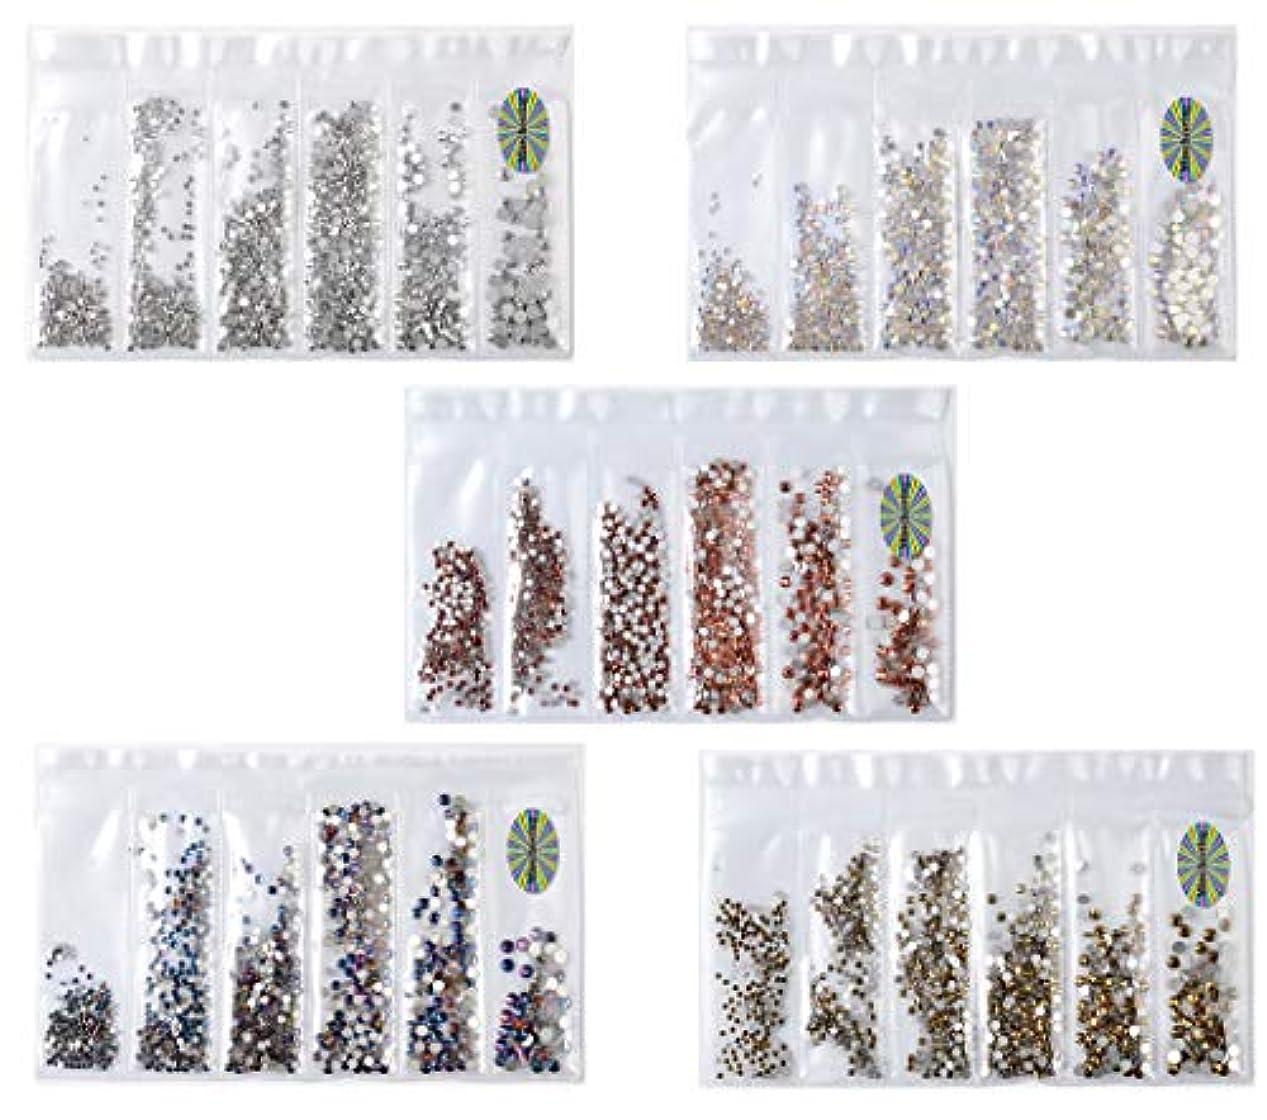 締める必要条件不足5袋6グリッドネイルアートラインストーンキットネイルクリスタル-20スタイル3Dネイルアートデコレーション用品 (地質ライト)